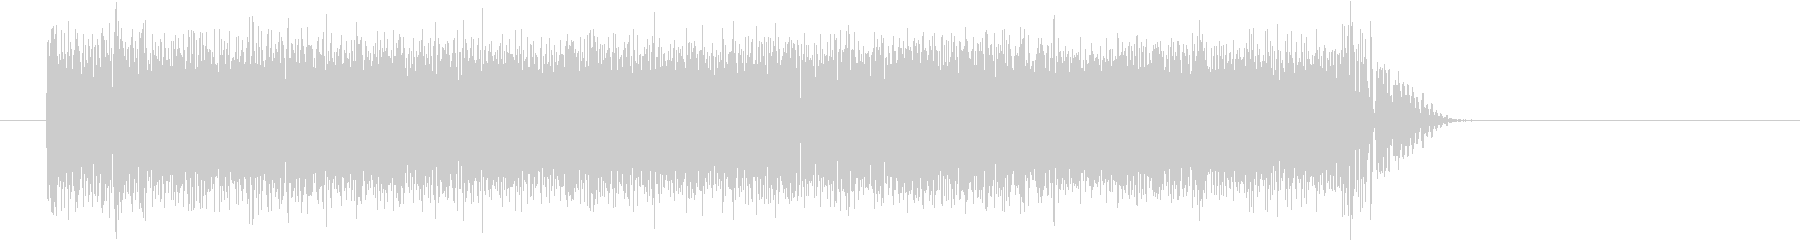 エレキギター ジャーン Eコードの未再生の波形